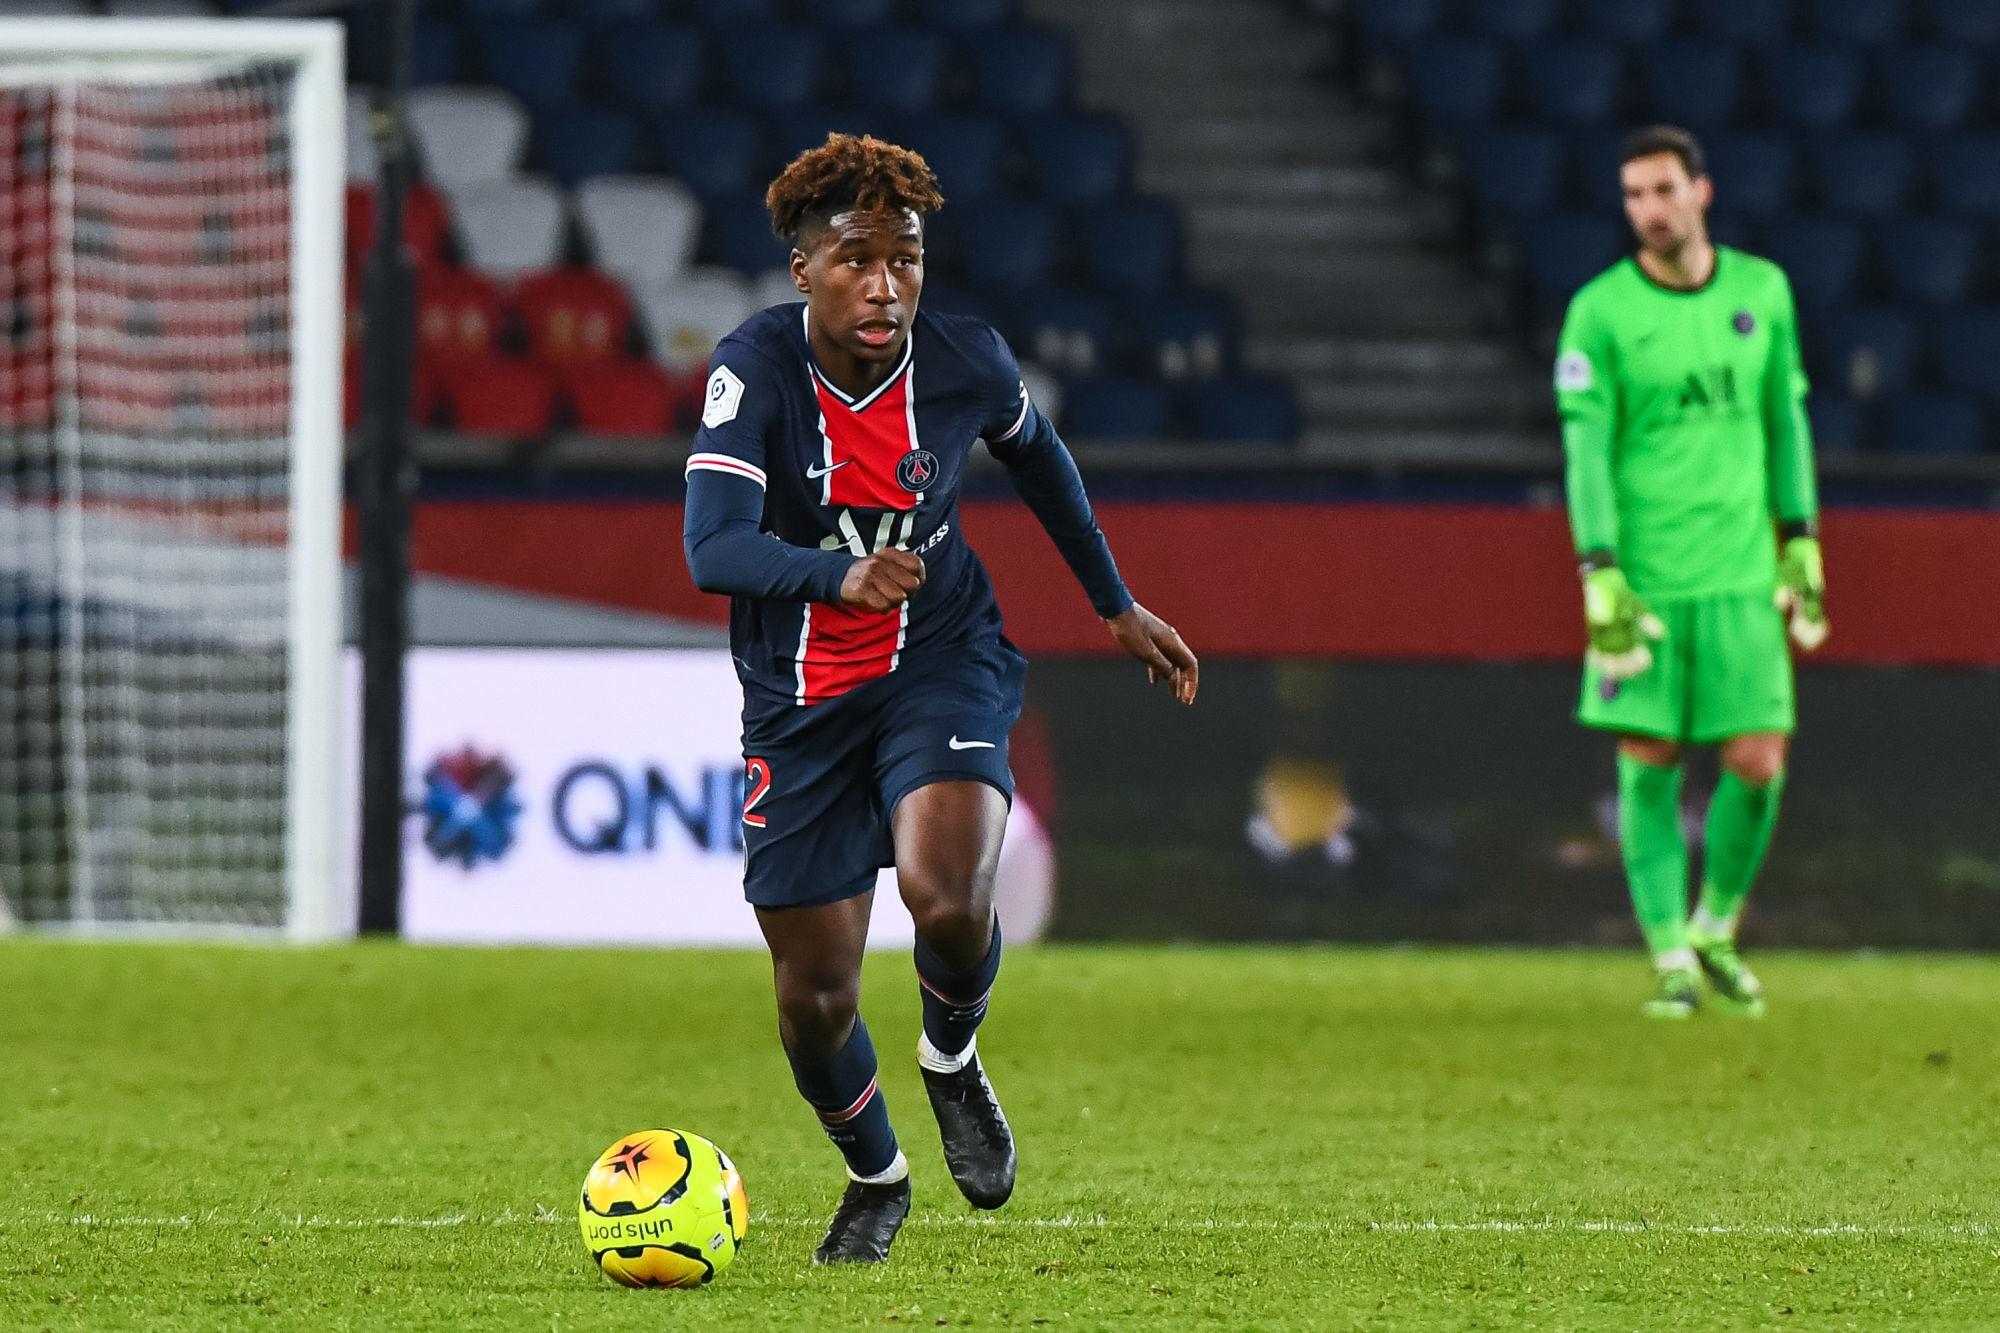 Timothée Pembele a prolongé son contrat au PSG, confirme Le Parisien